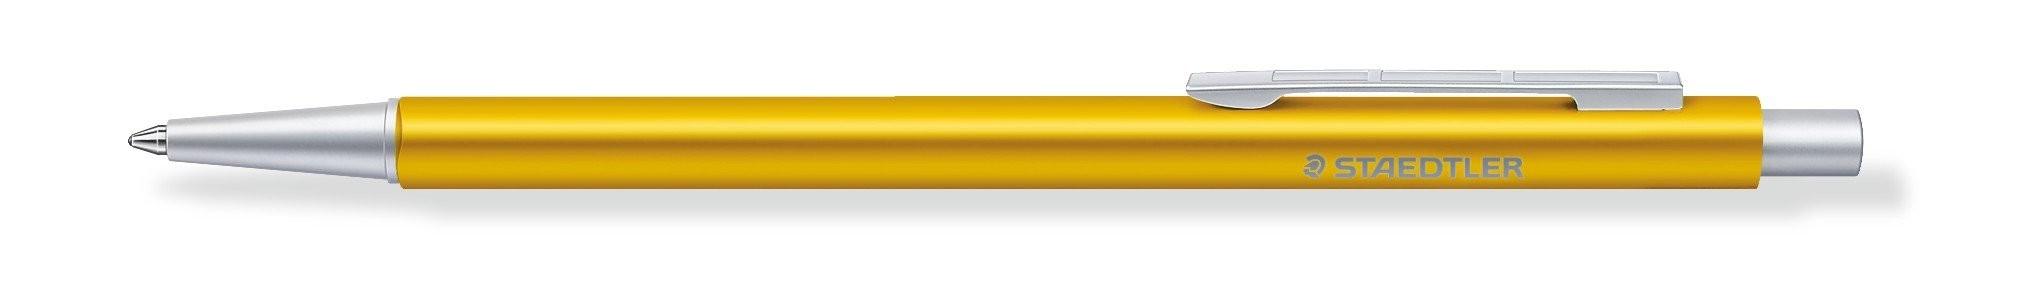 STAEDTLER Organizer Pen Kugelschreiber